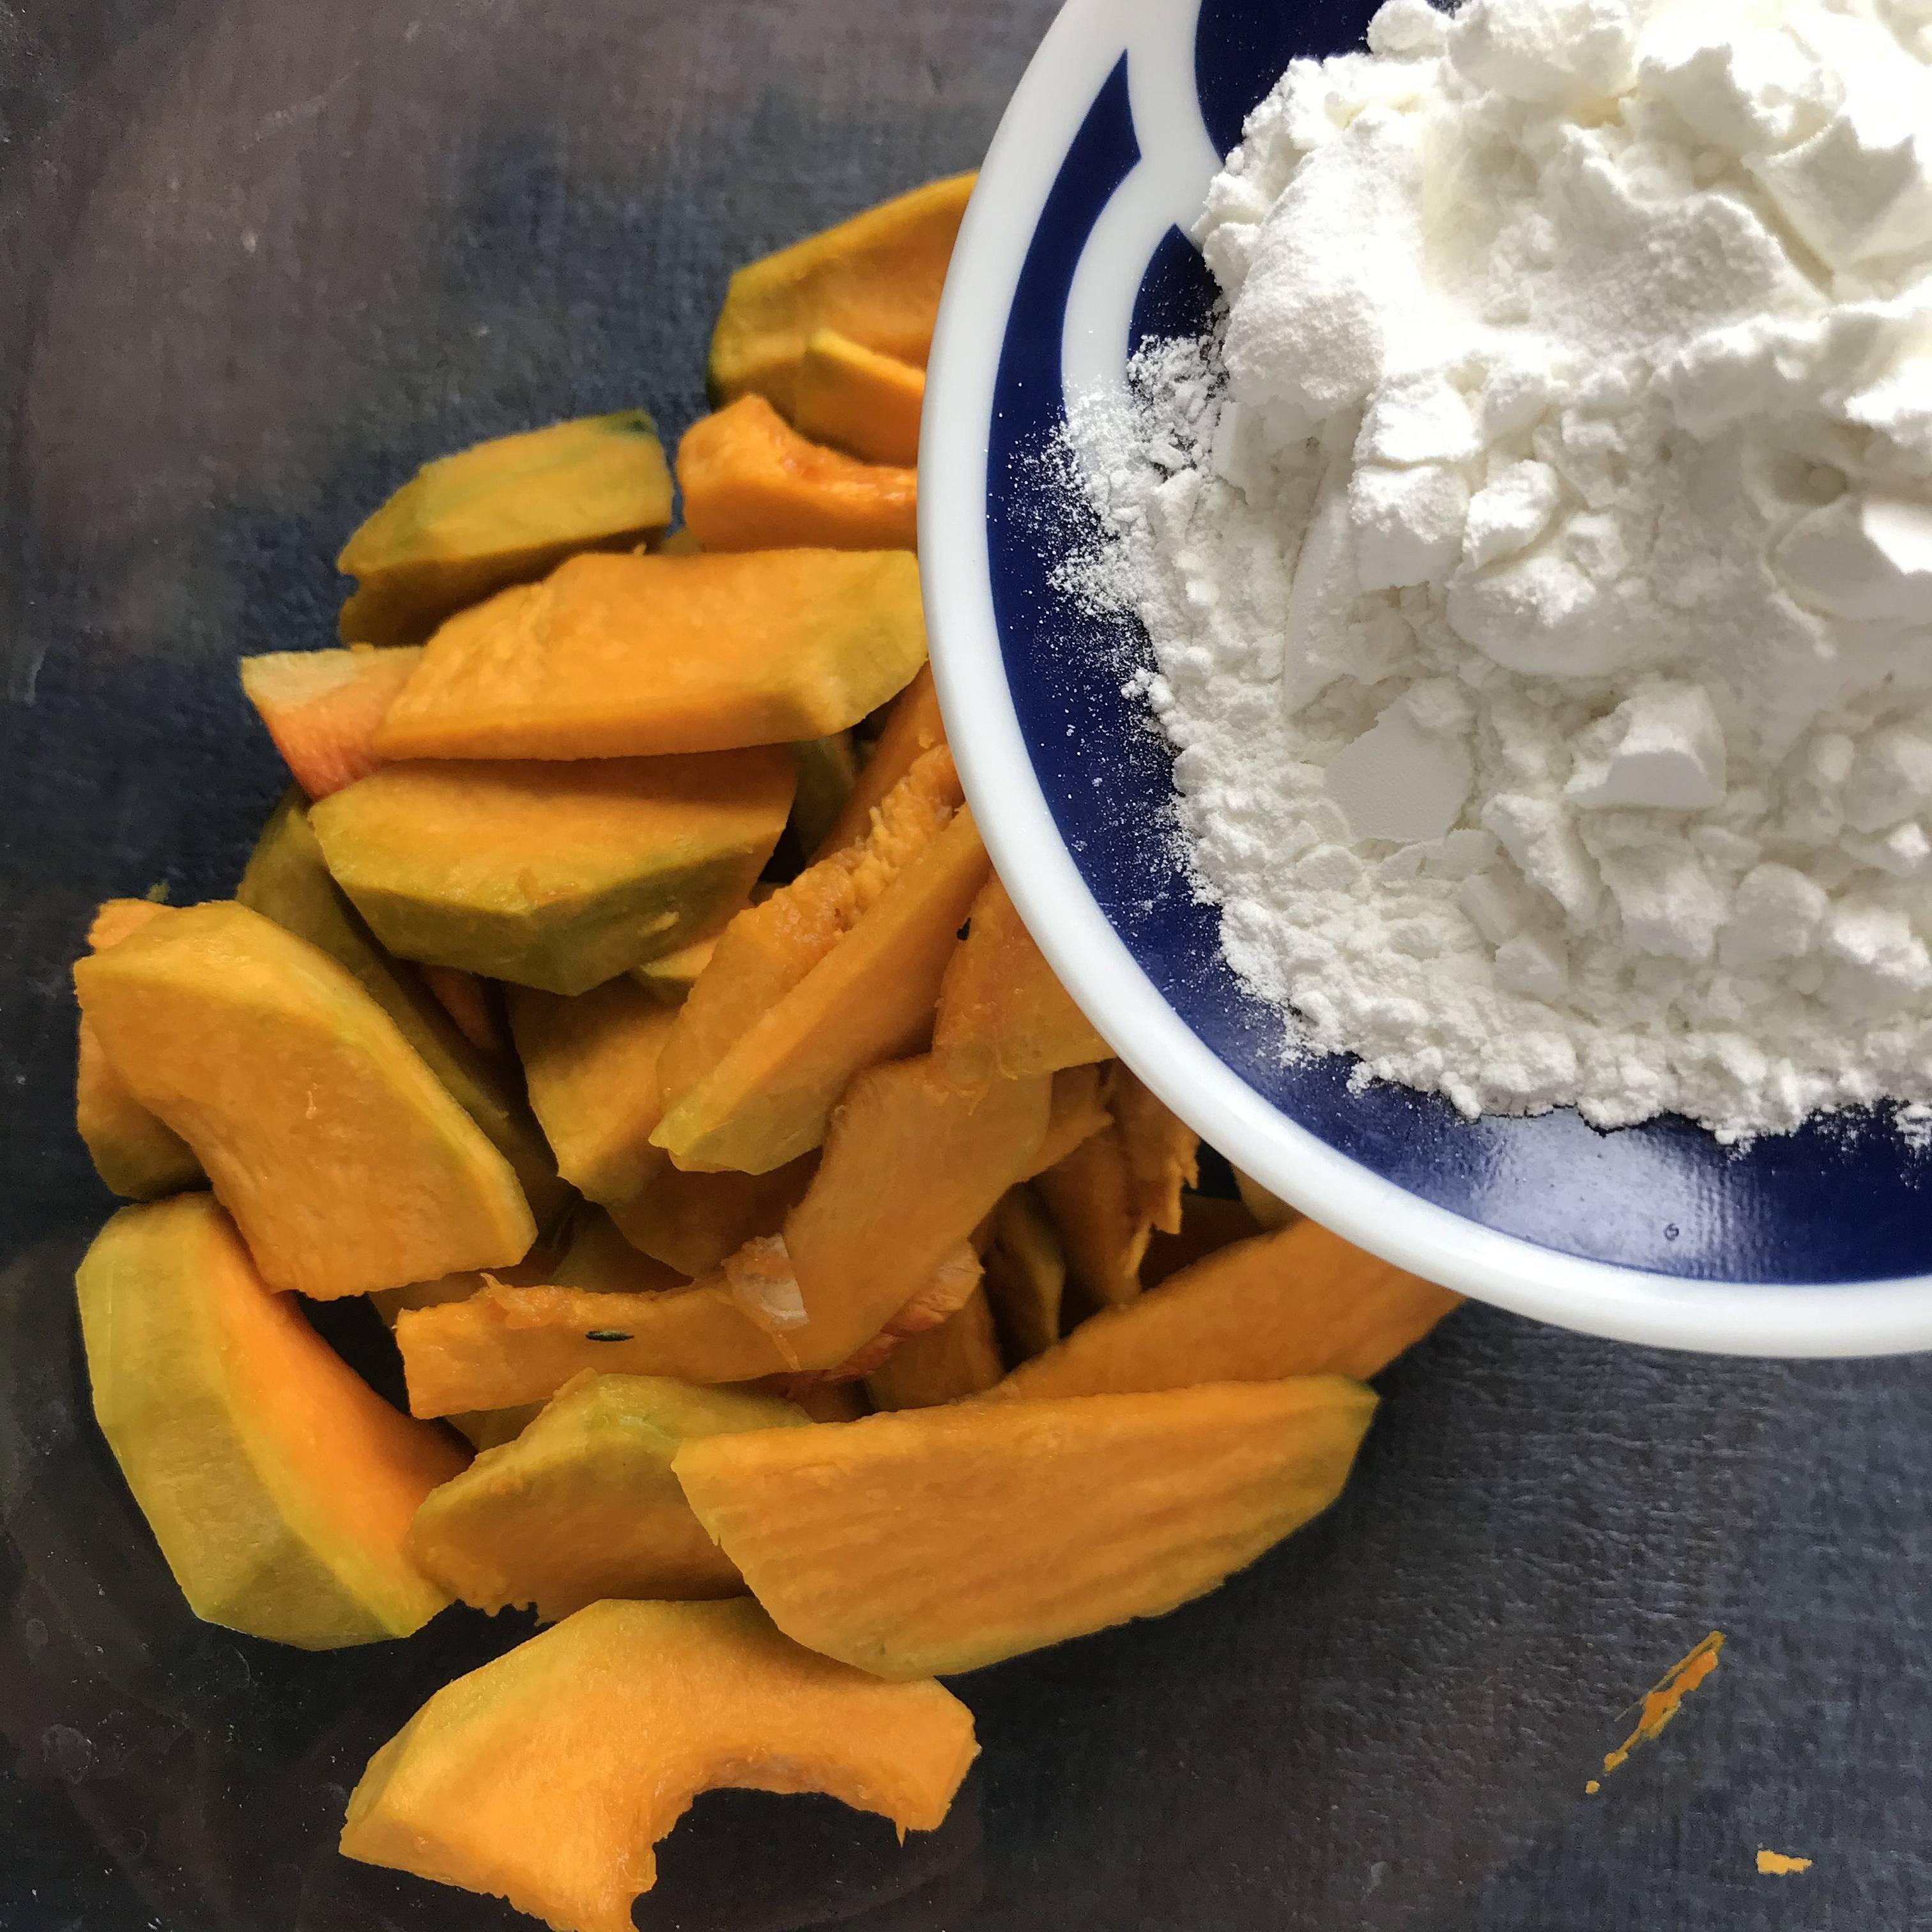 低卡 蛋黄焗南瓜-快手咸甜减肥餐的做法 步骤3